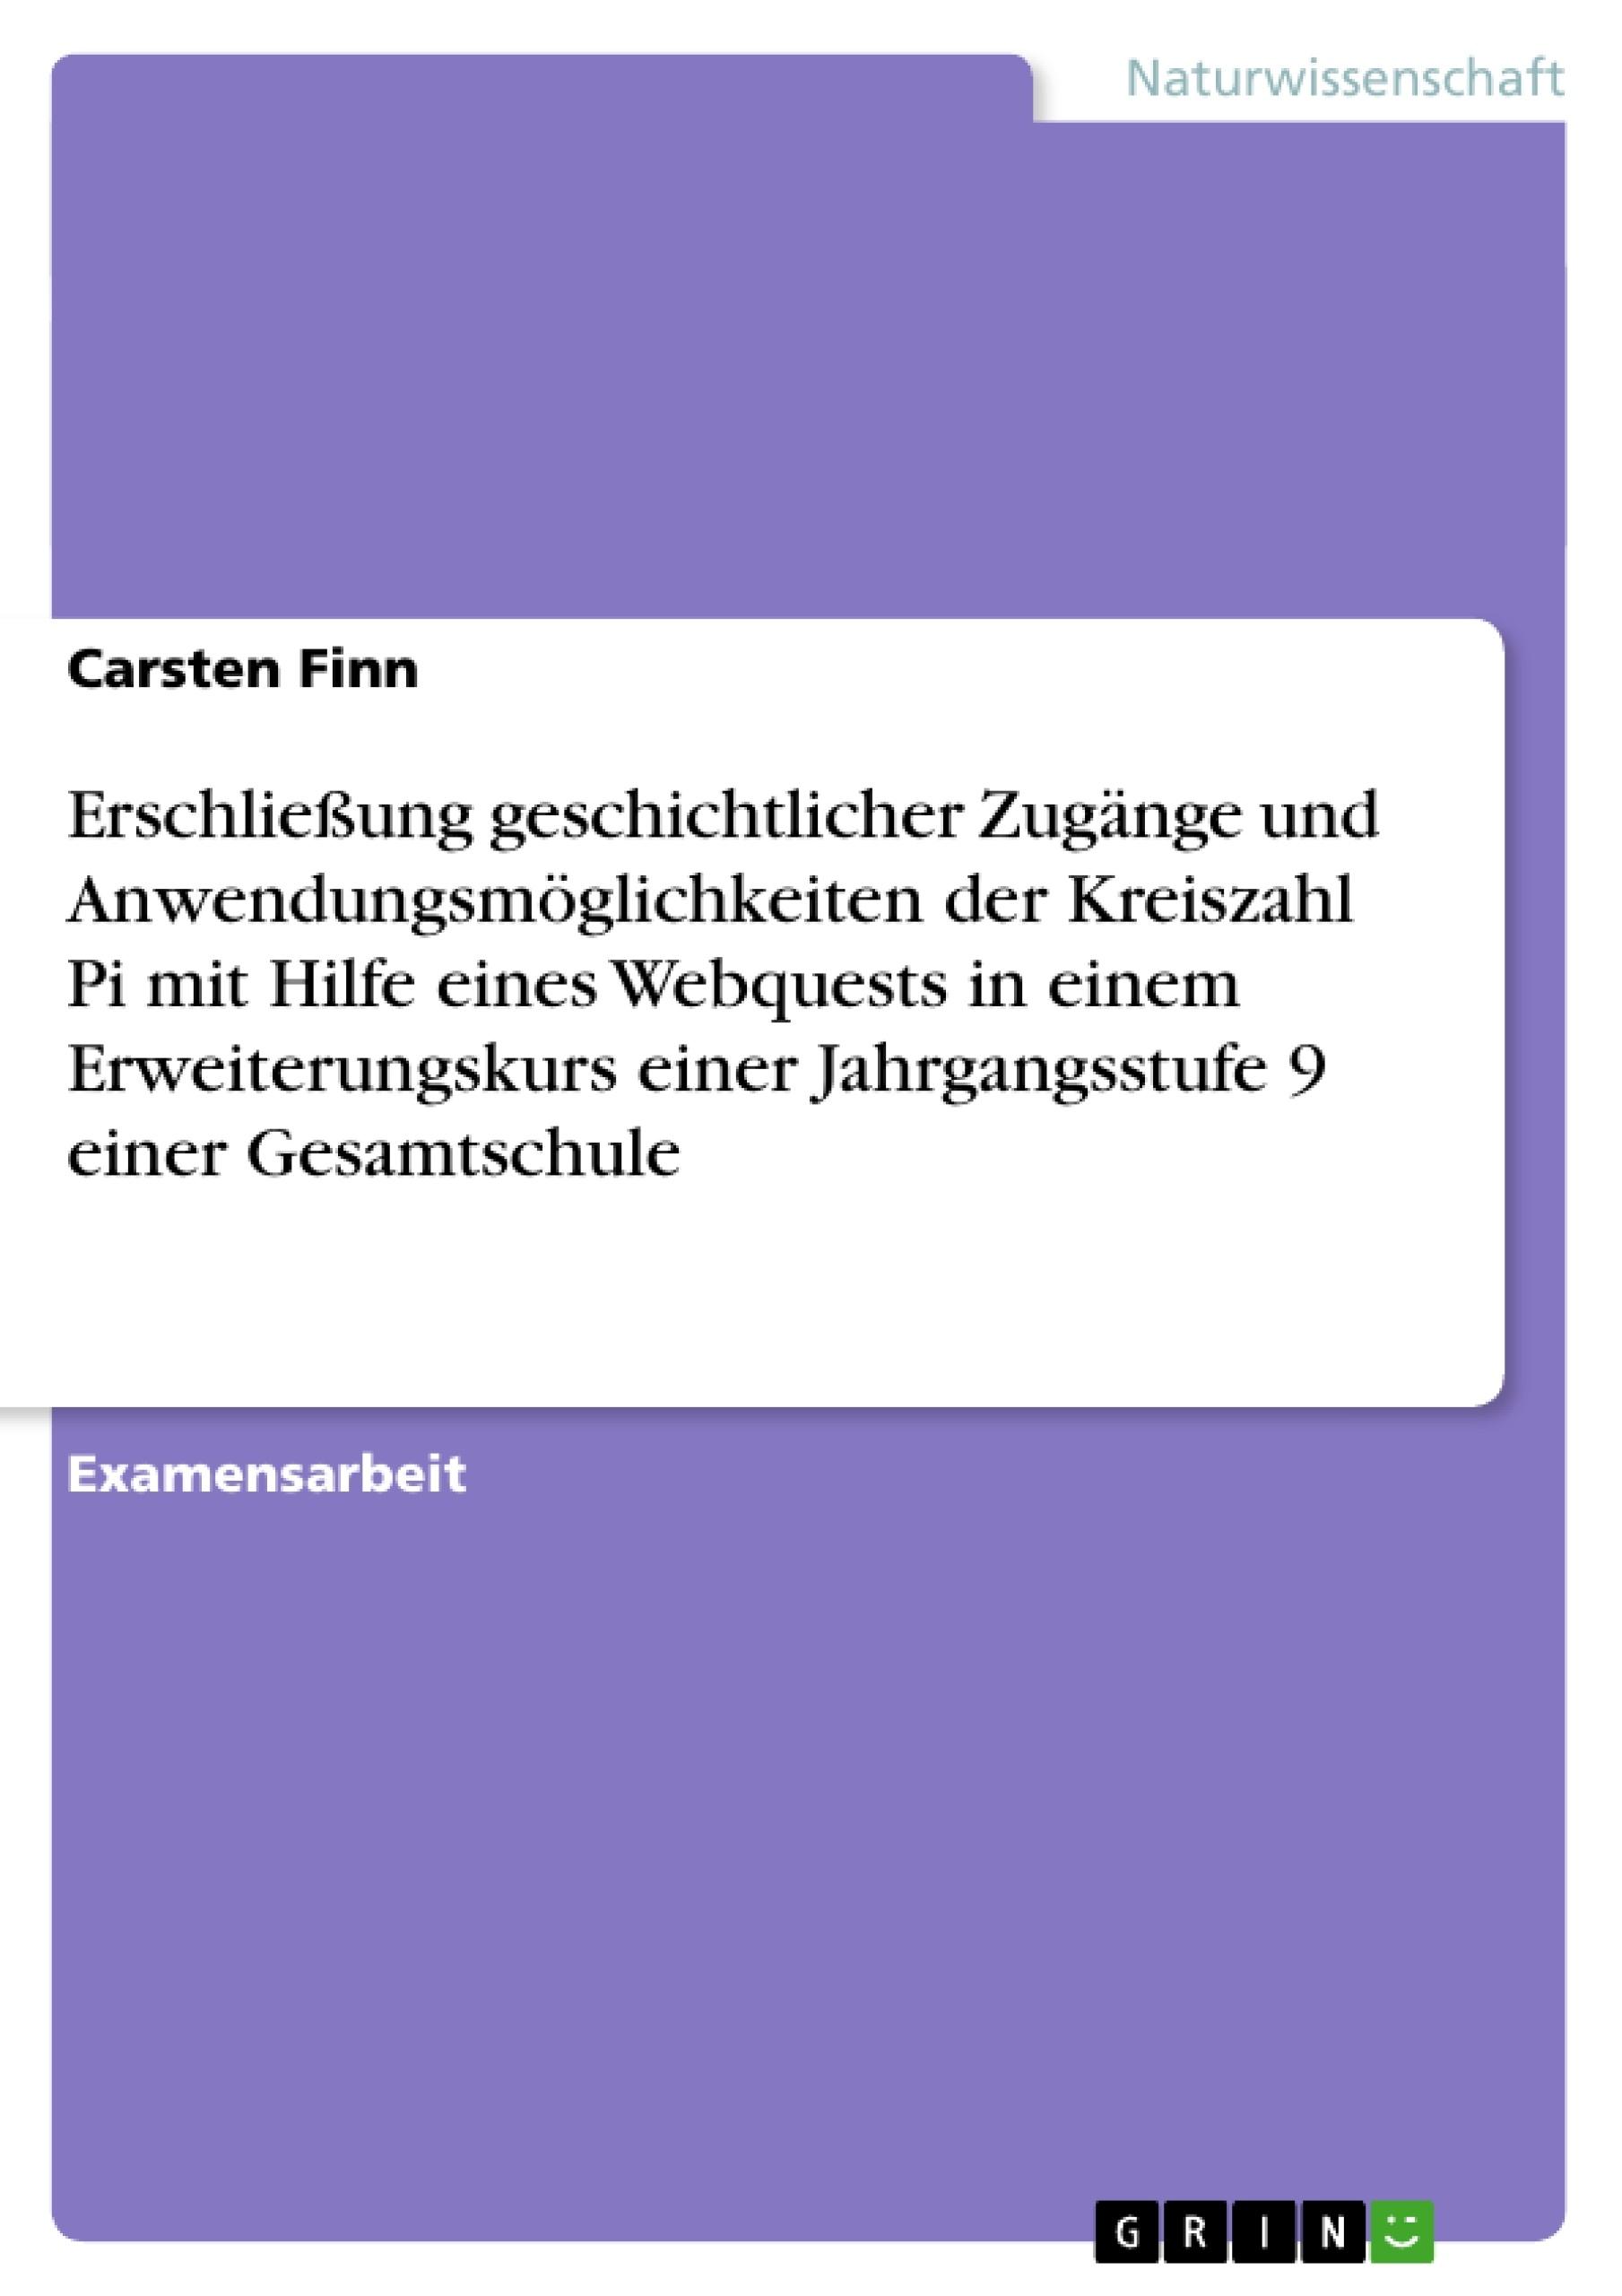 Titel: Erschließung geschichtlicher Zugänge und Anwendungsmöglichkeiten der Kreiszahl Pi mit Hilfe eines Webquests in einem Erweiterungskurs einer Jahrgangsstufe 9 einer Gesamtschule